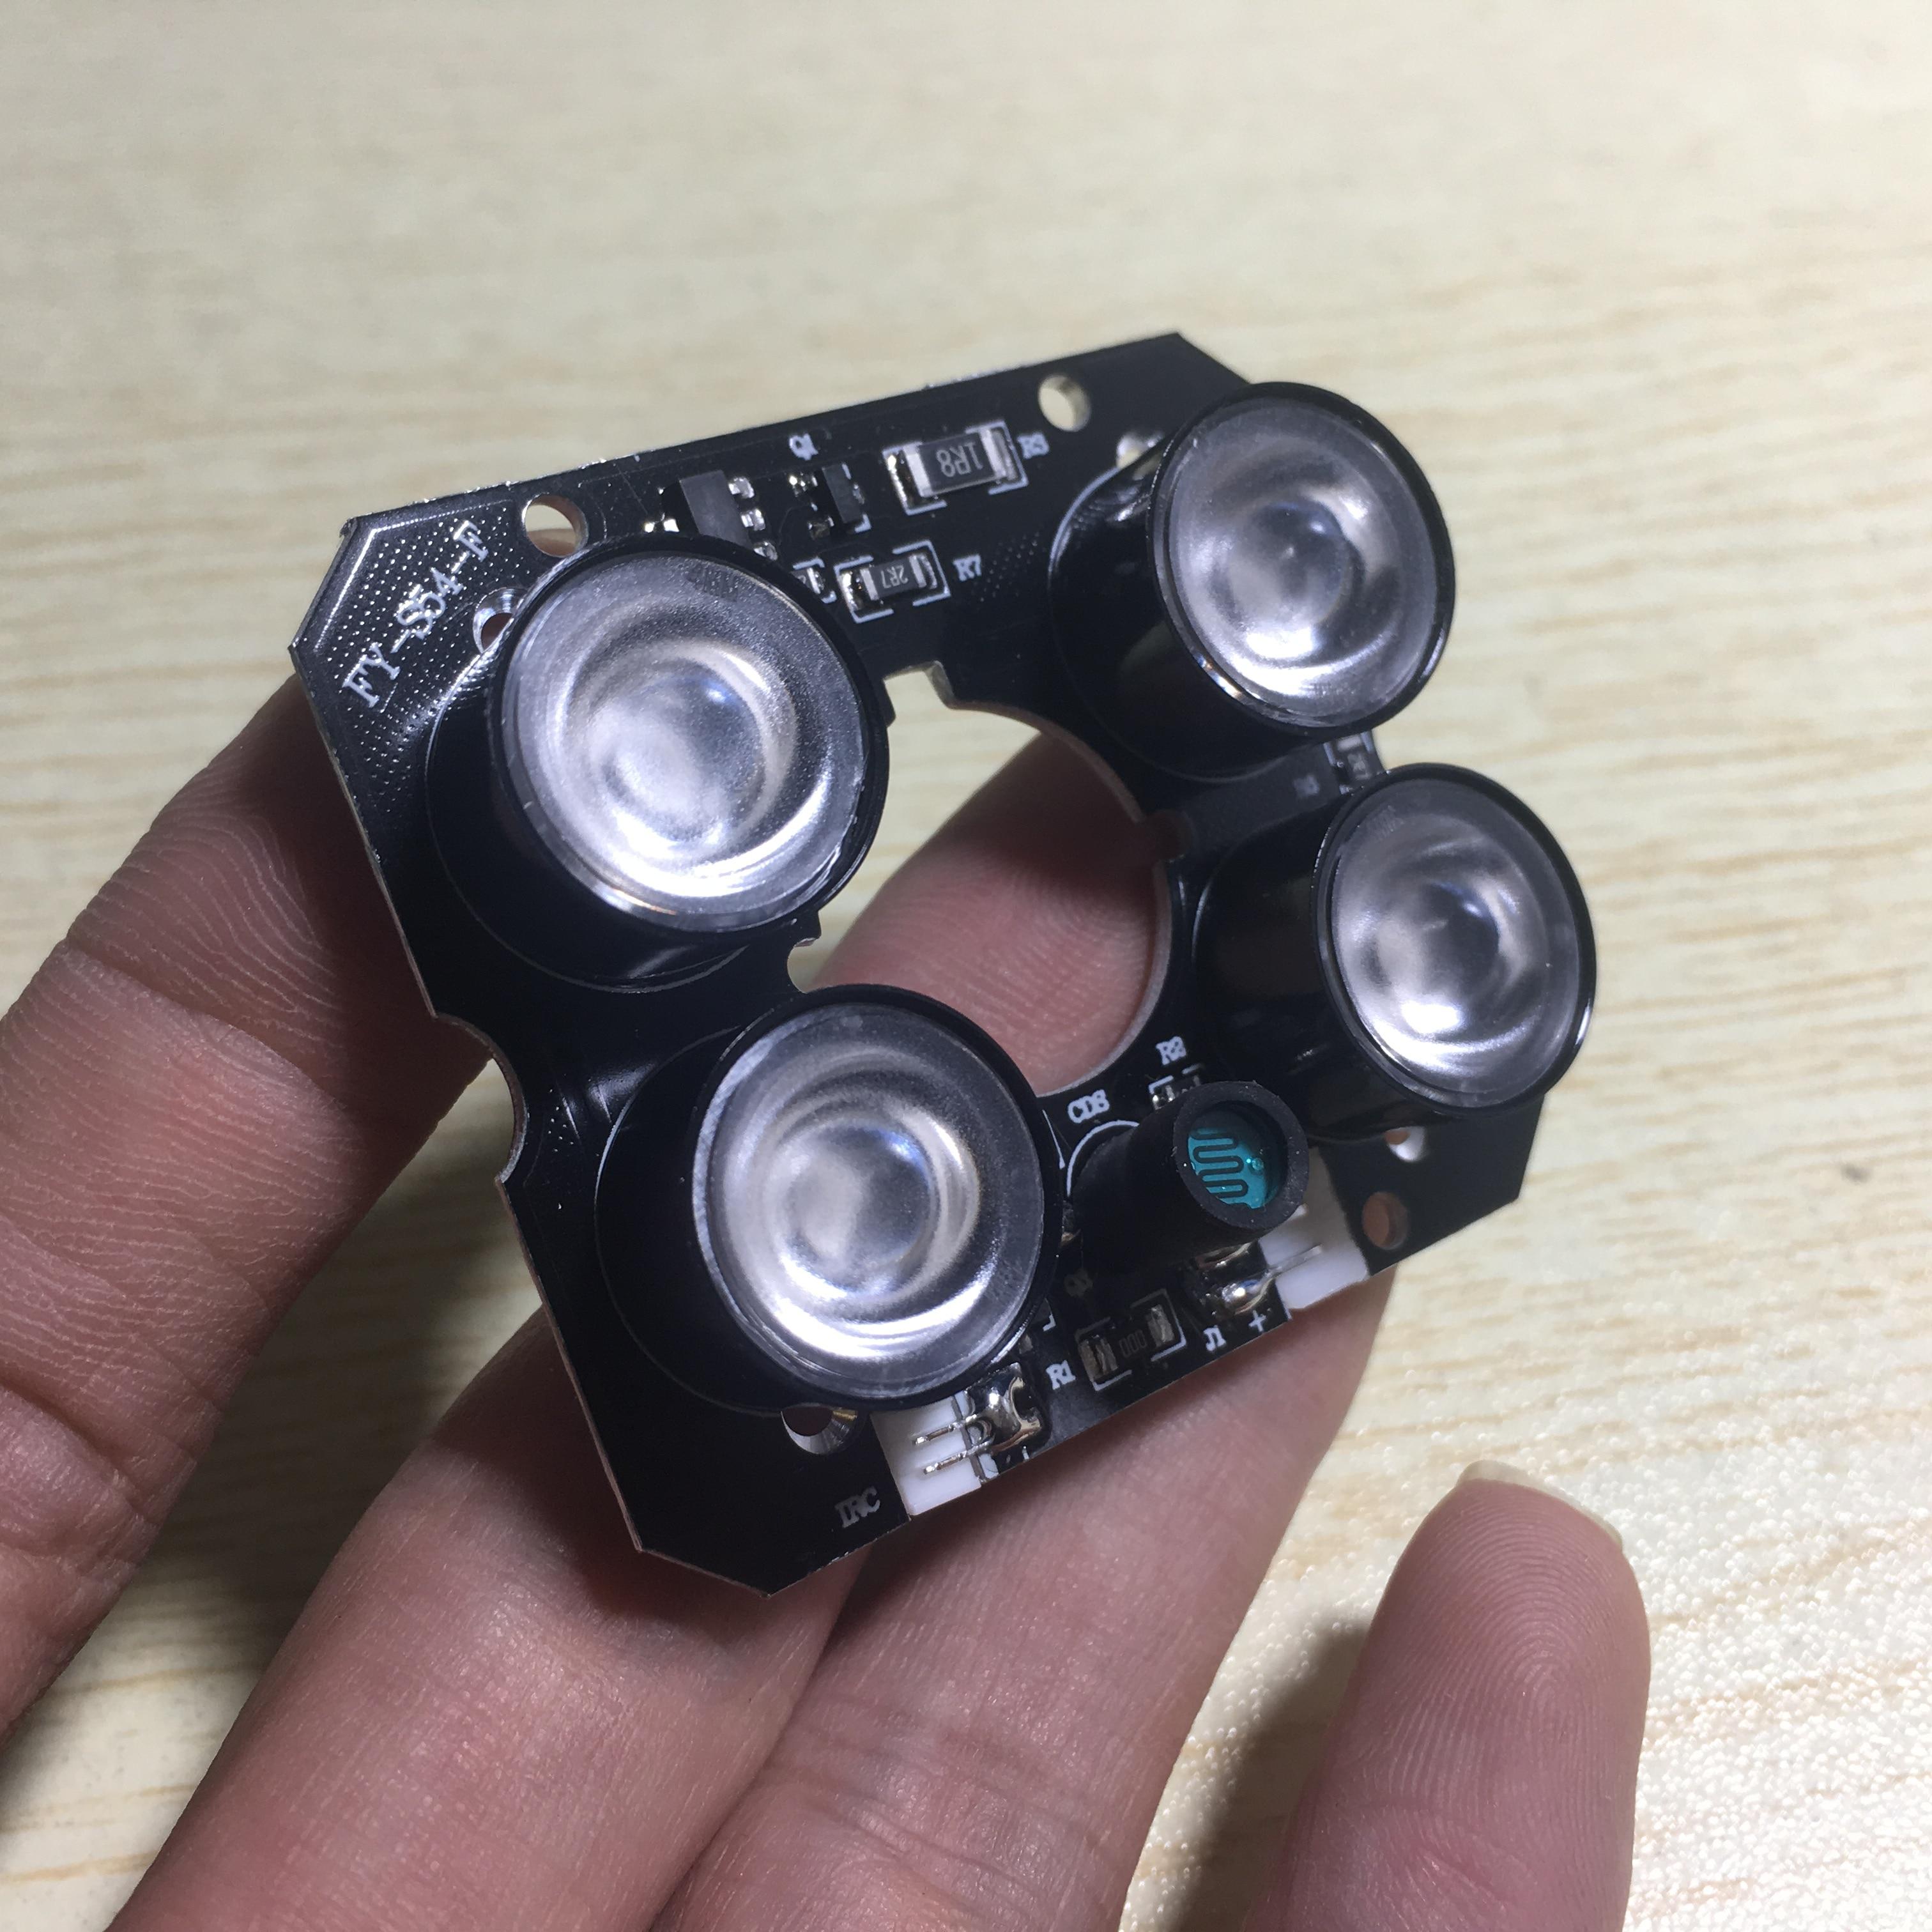 1X(4 conjuntos de punto de luz infrarroja led IR, 4x placa LED IR para cámaras CCTV cerca Sensor Detector infrarrojo de seguridad de puerta automático, Sensor de movimiento, deslizamiento, puerta de garaje, fotocélulas infrarrojas de seguridad de puerta